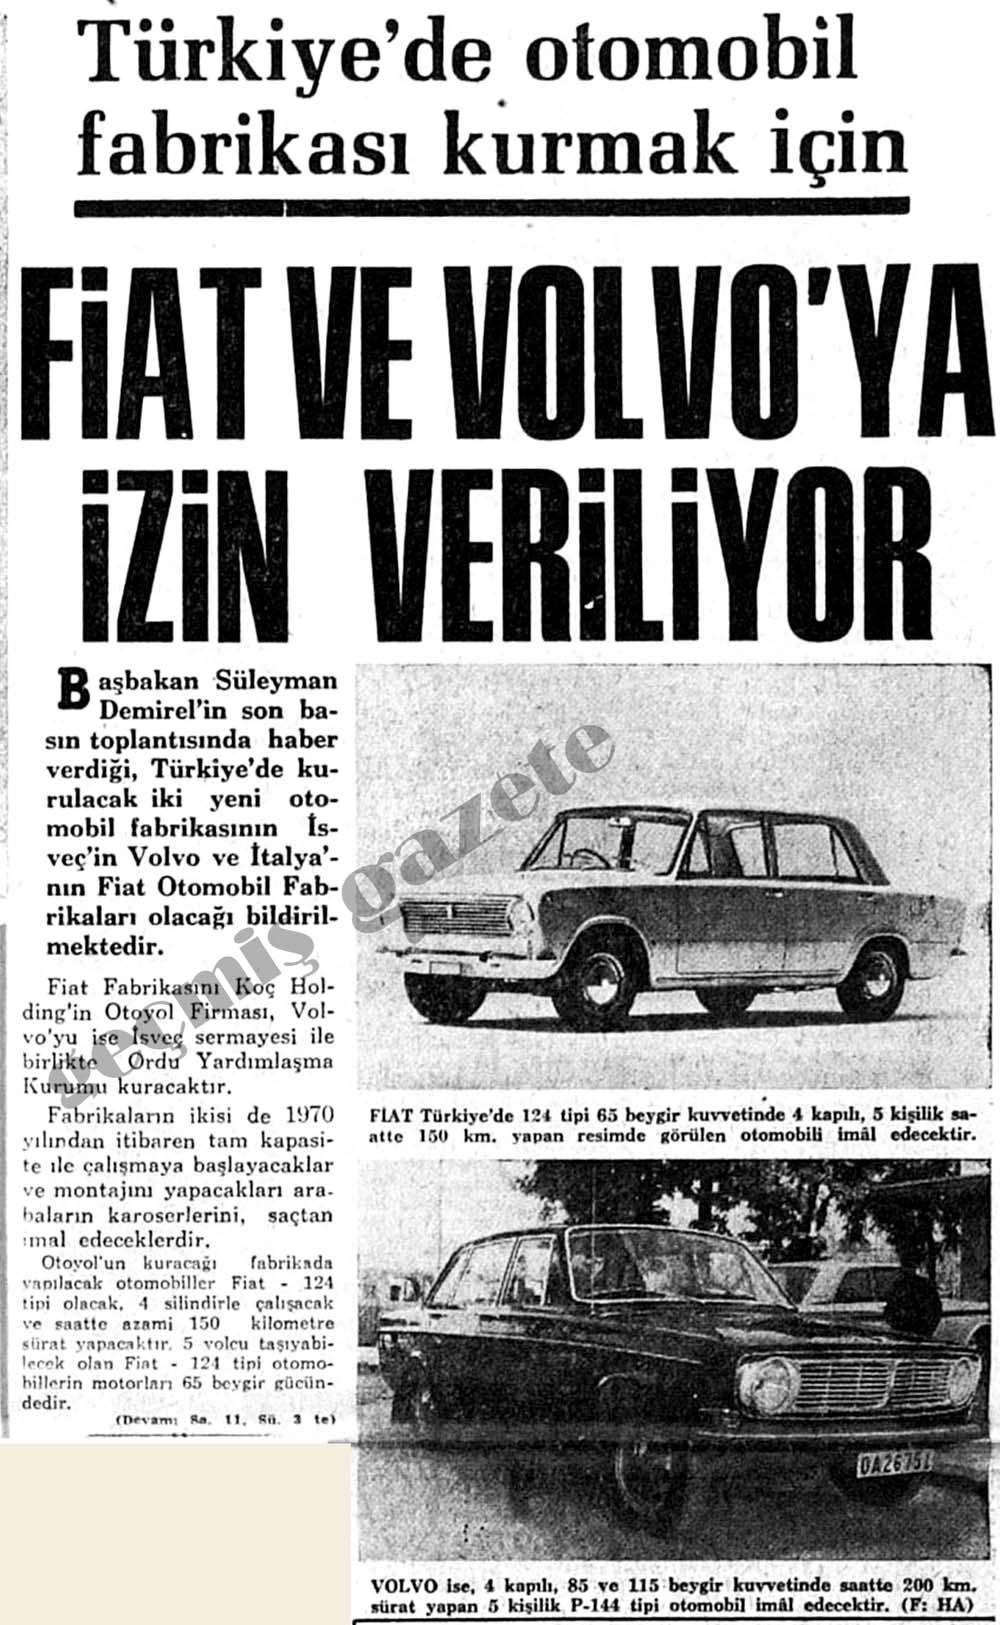 Türkiye'de otomobil fabrikası kurmak için Fiat ve Volvo'ya izin veriliyor